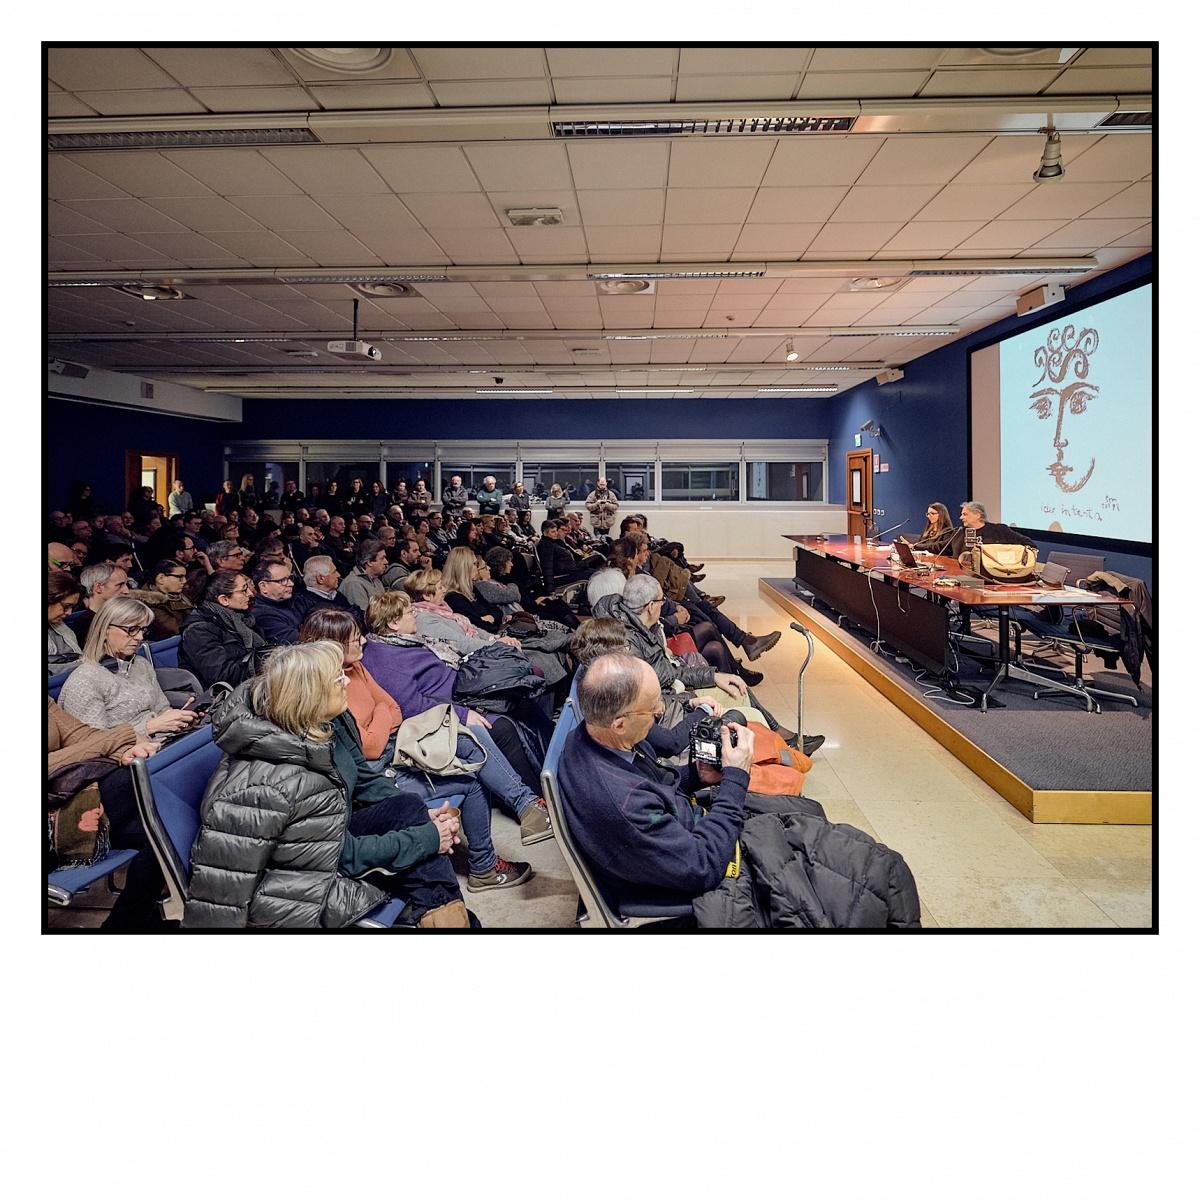 Incontro del 01.02.2020 con Piero Gemelli e Maria Vittoria Baravelli - Incontro del 01.02.2020 con Piero Gemelli e Maria Vittoria Baravelli